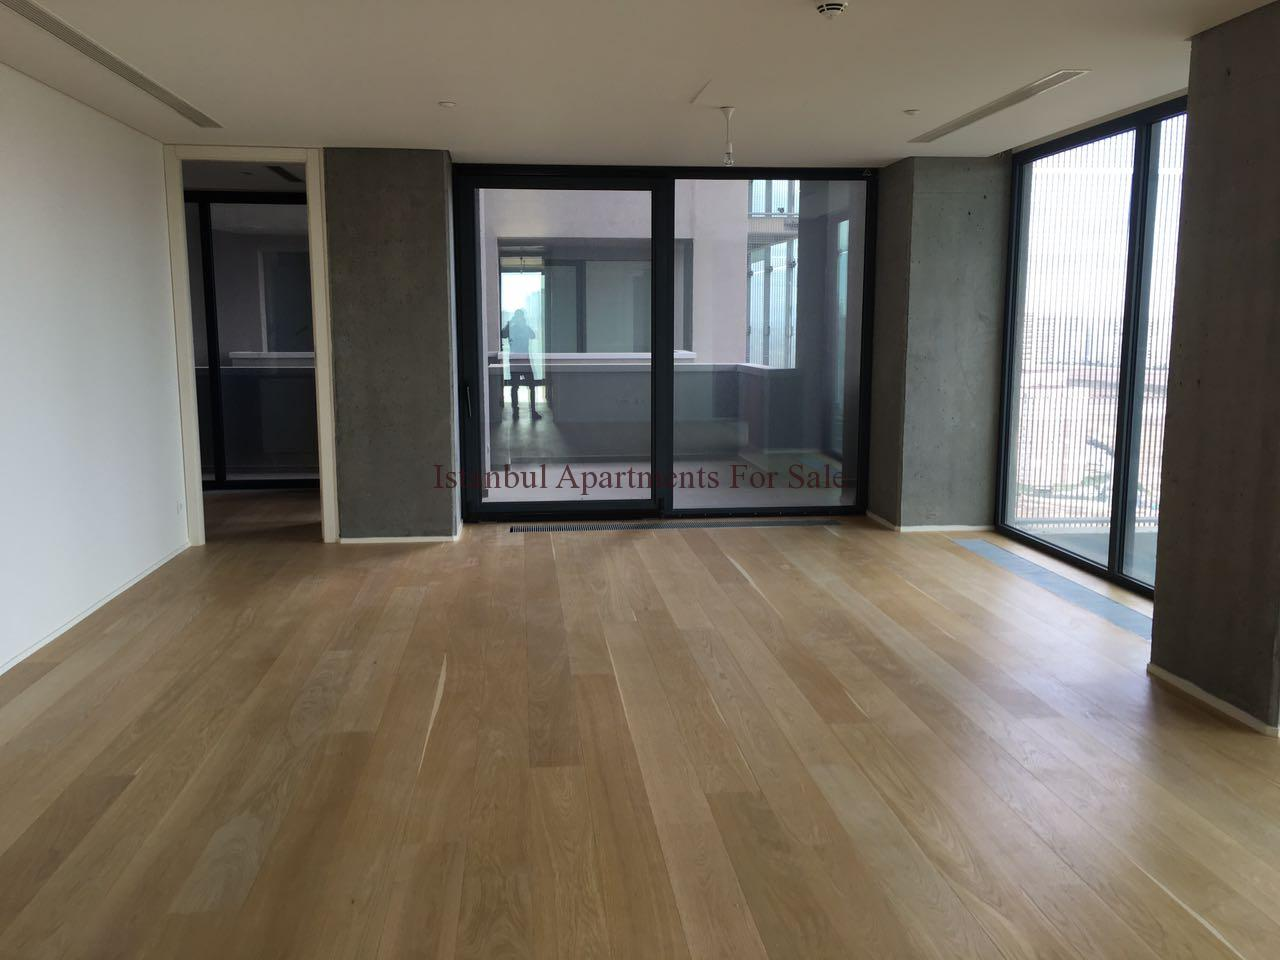 Buy Luxury Apartments in Bahcesehir Istanbul Turkey ...